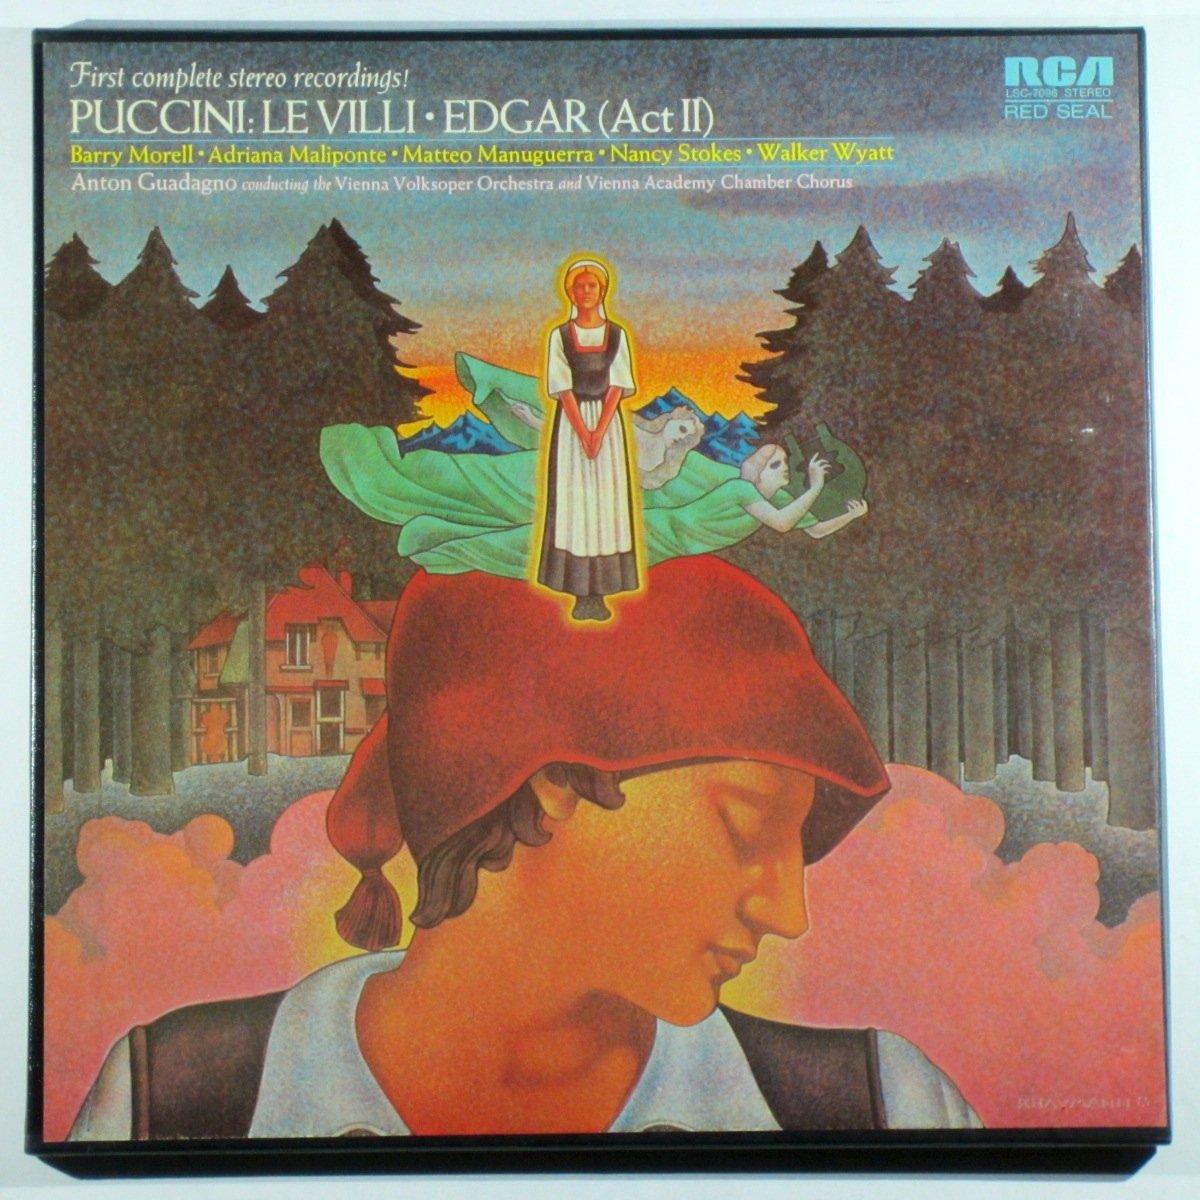 Puccini Anton Guadagno Vienna Volksoper Orchestra Puccini Le